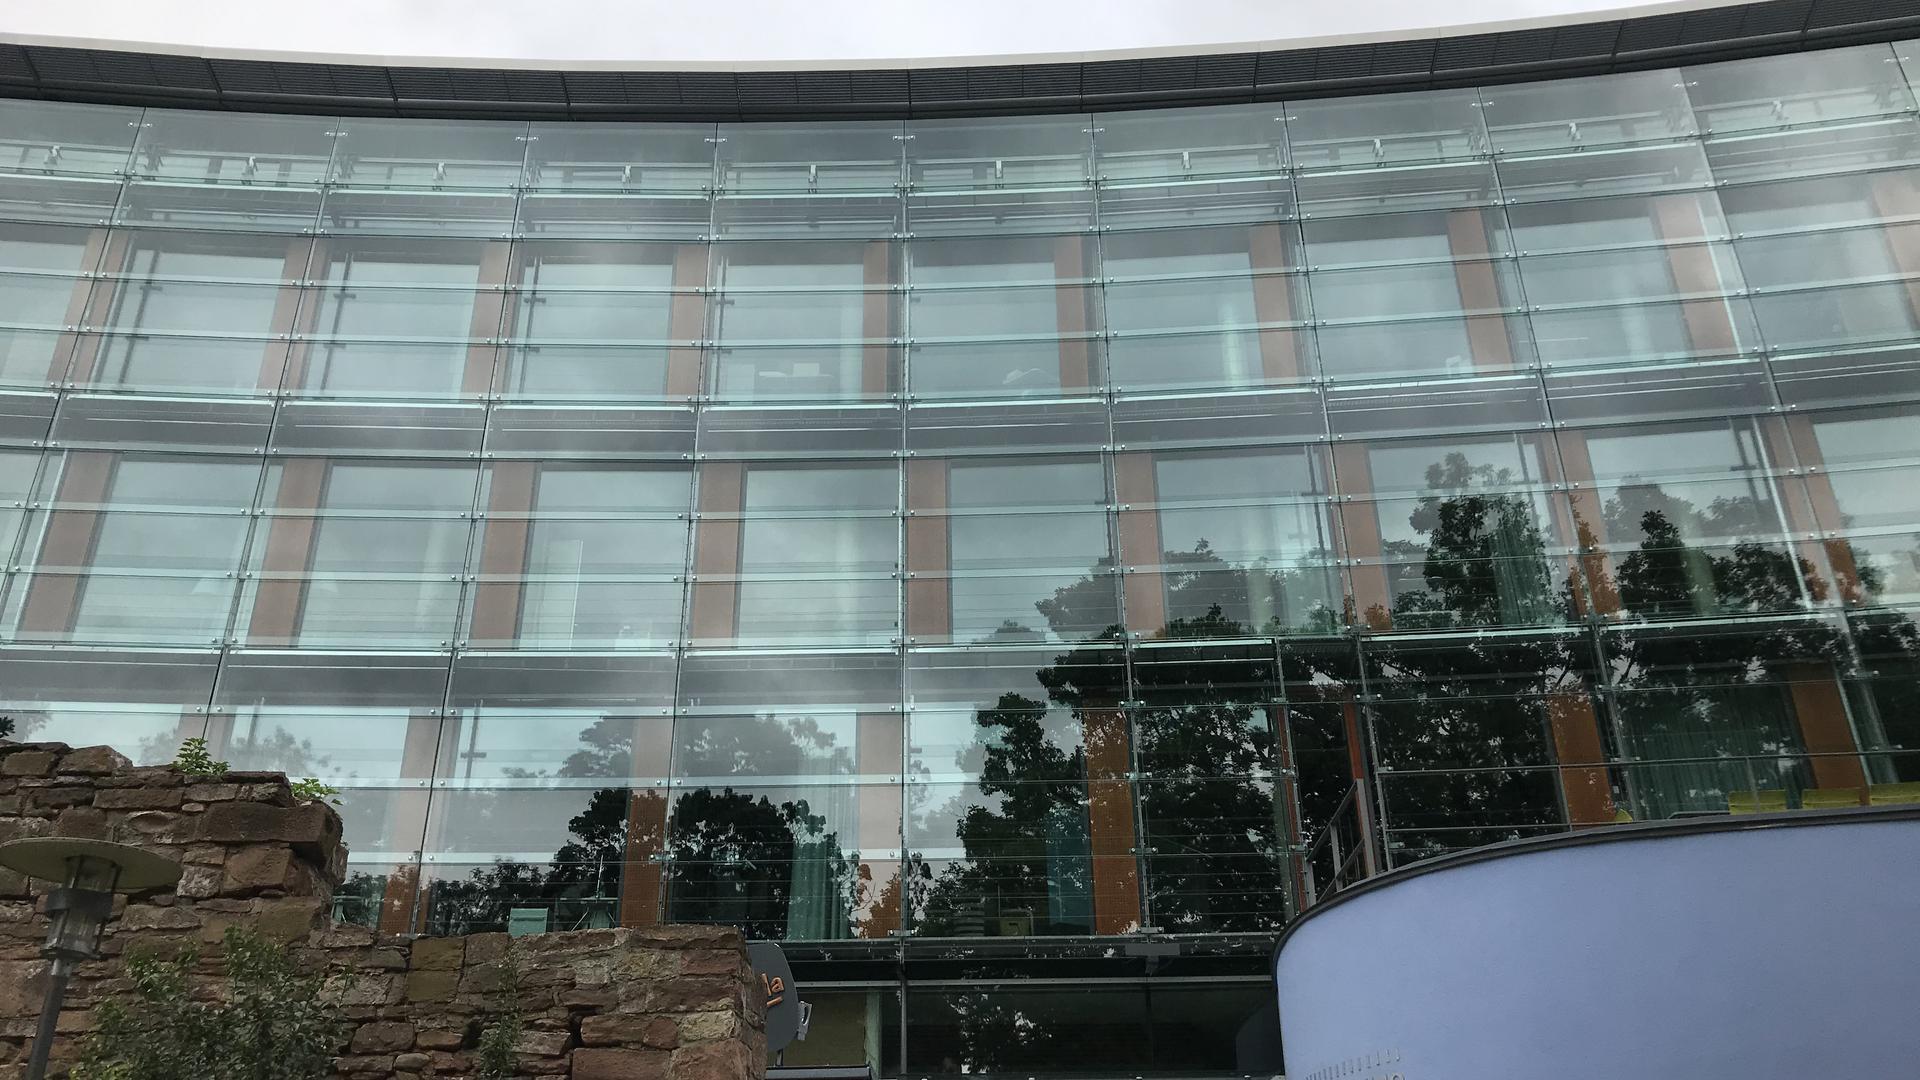 Westfassade der städtischen  Wohnbaugesellschaft Stadtbau mit Kommunalem Kino und Gastronomie zum Schlosspark hin